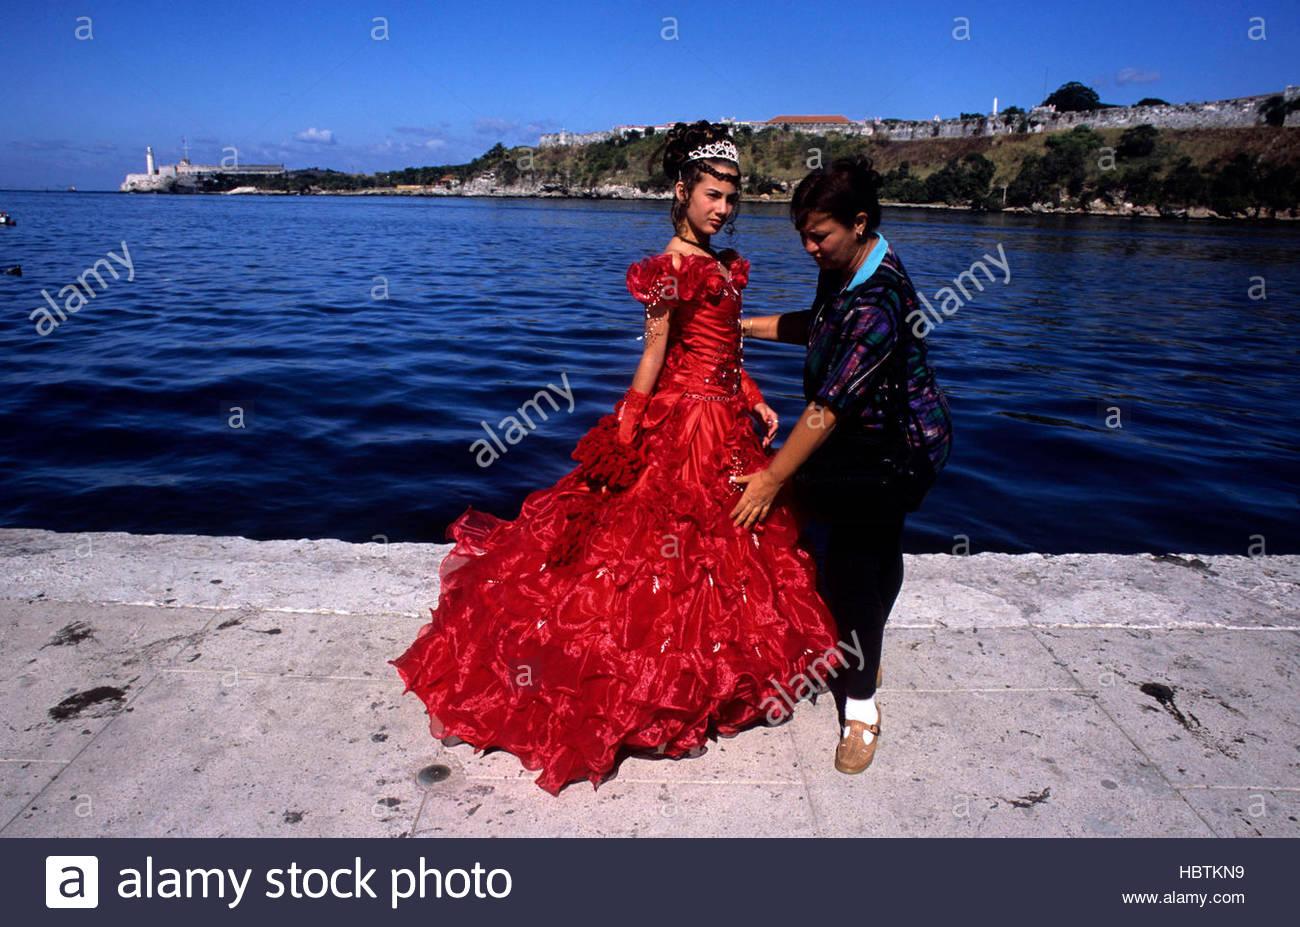 Esta bien vestidos niña cubana celebra sus 15 años de edad, La Habana, Cuba. Imagen De Stock